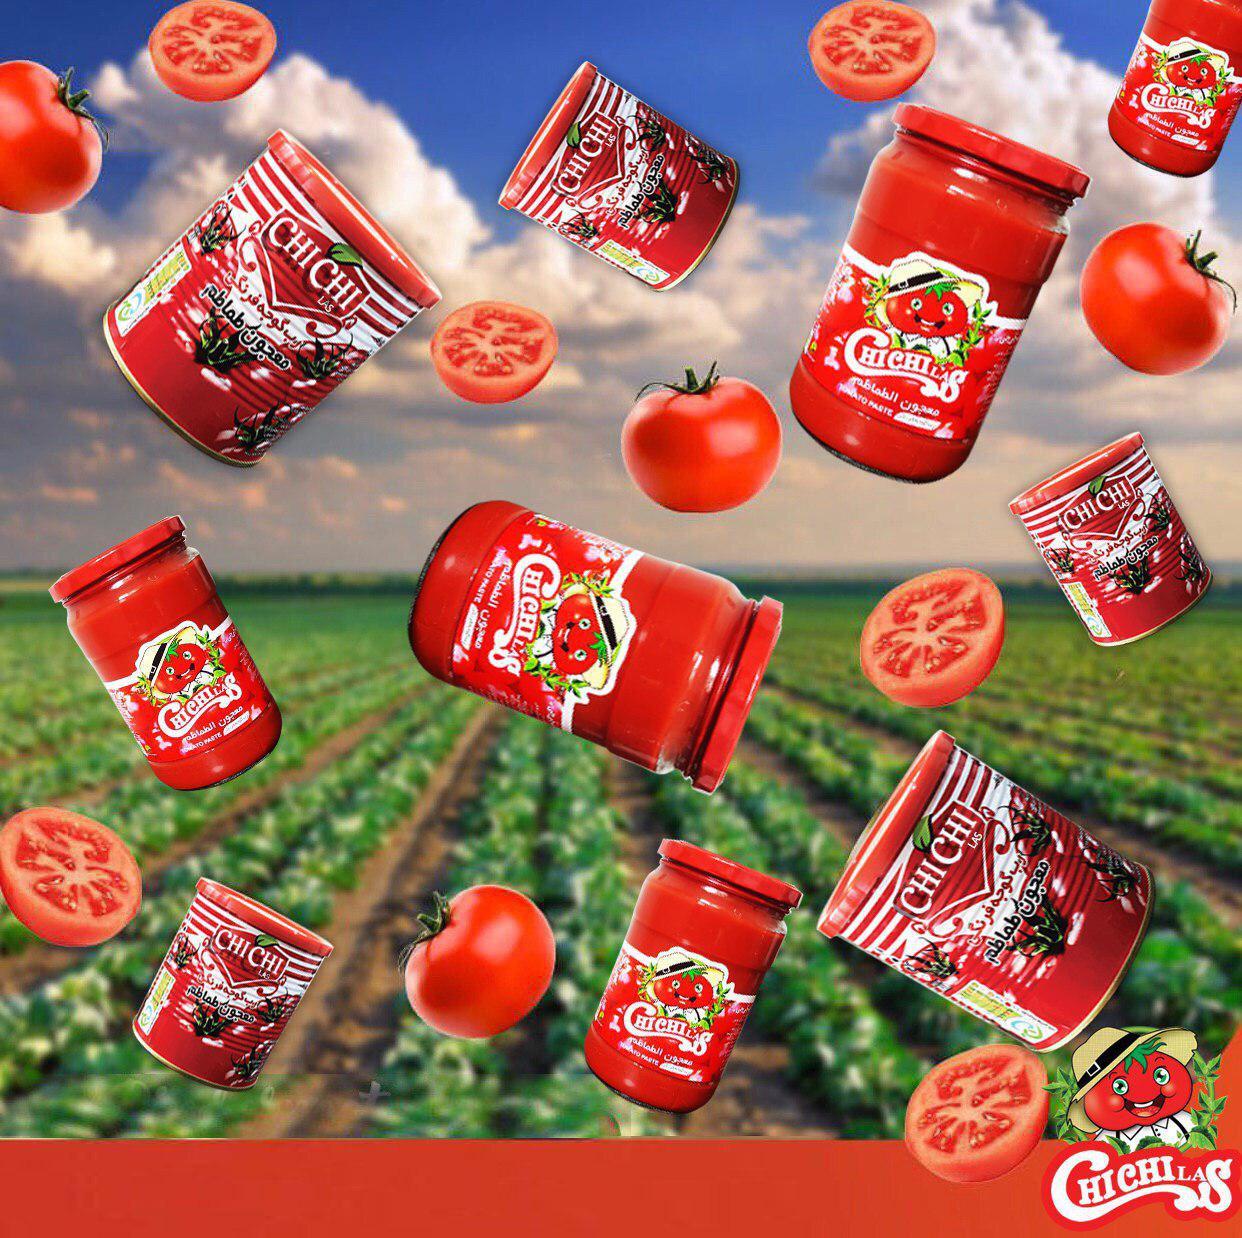 رب گوجه فرنگی درجه یک در اوزان مختلف